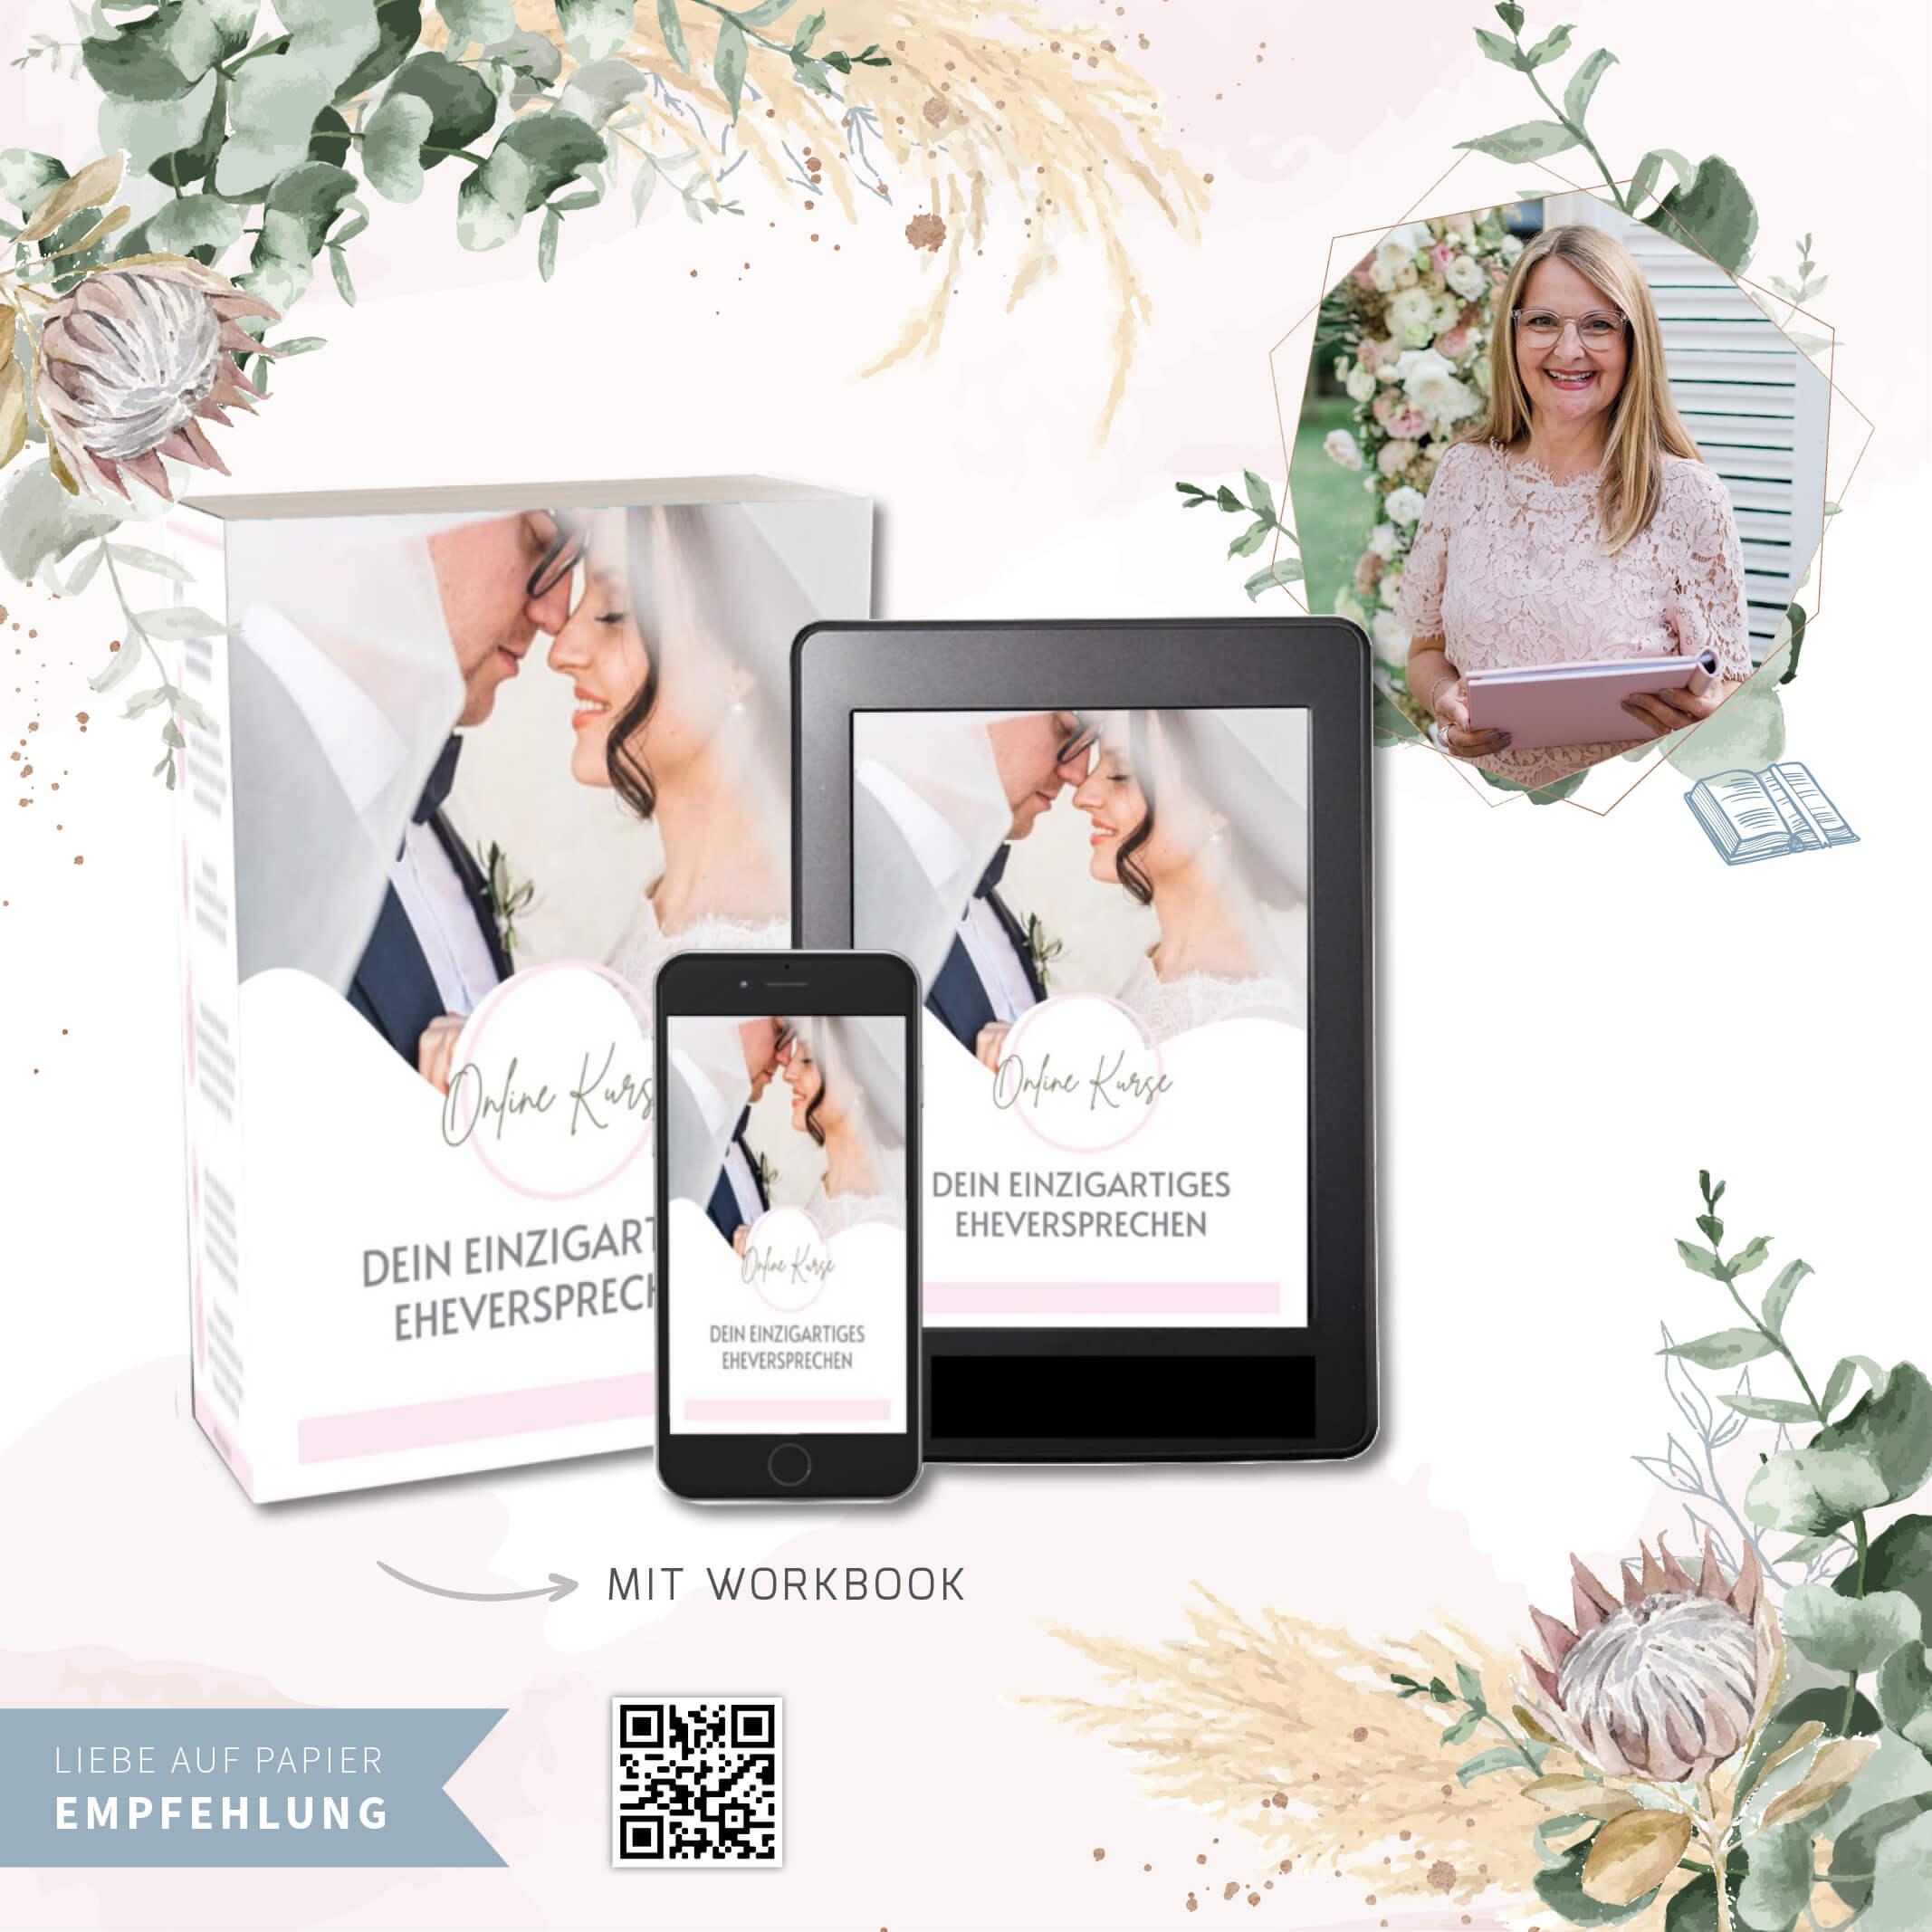 Eheversprechen – Onlinekurs